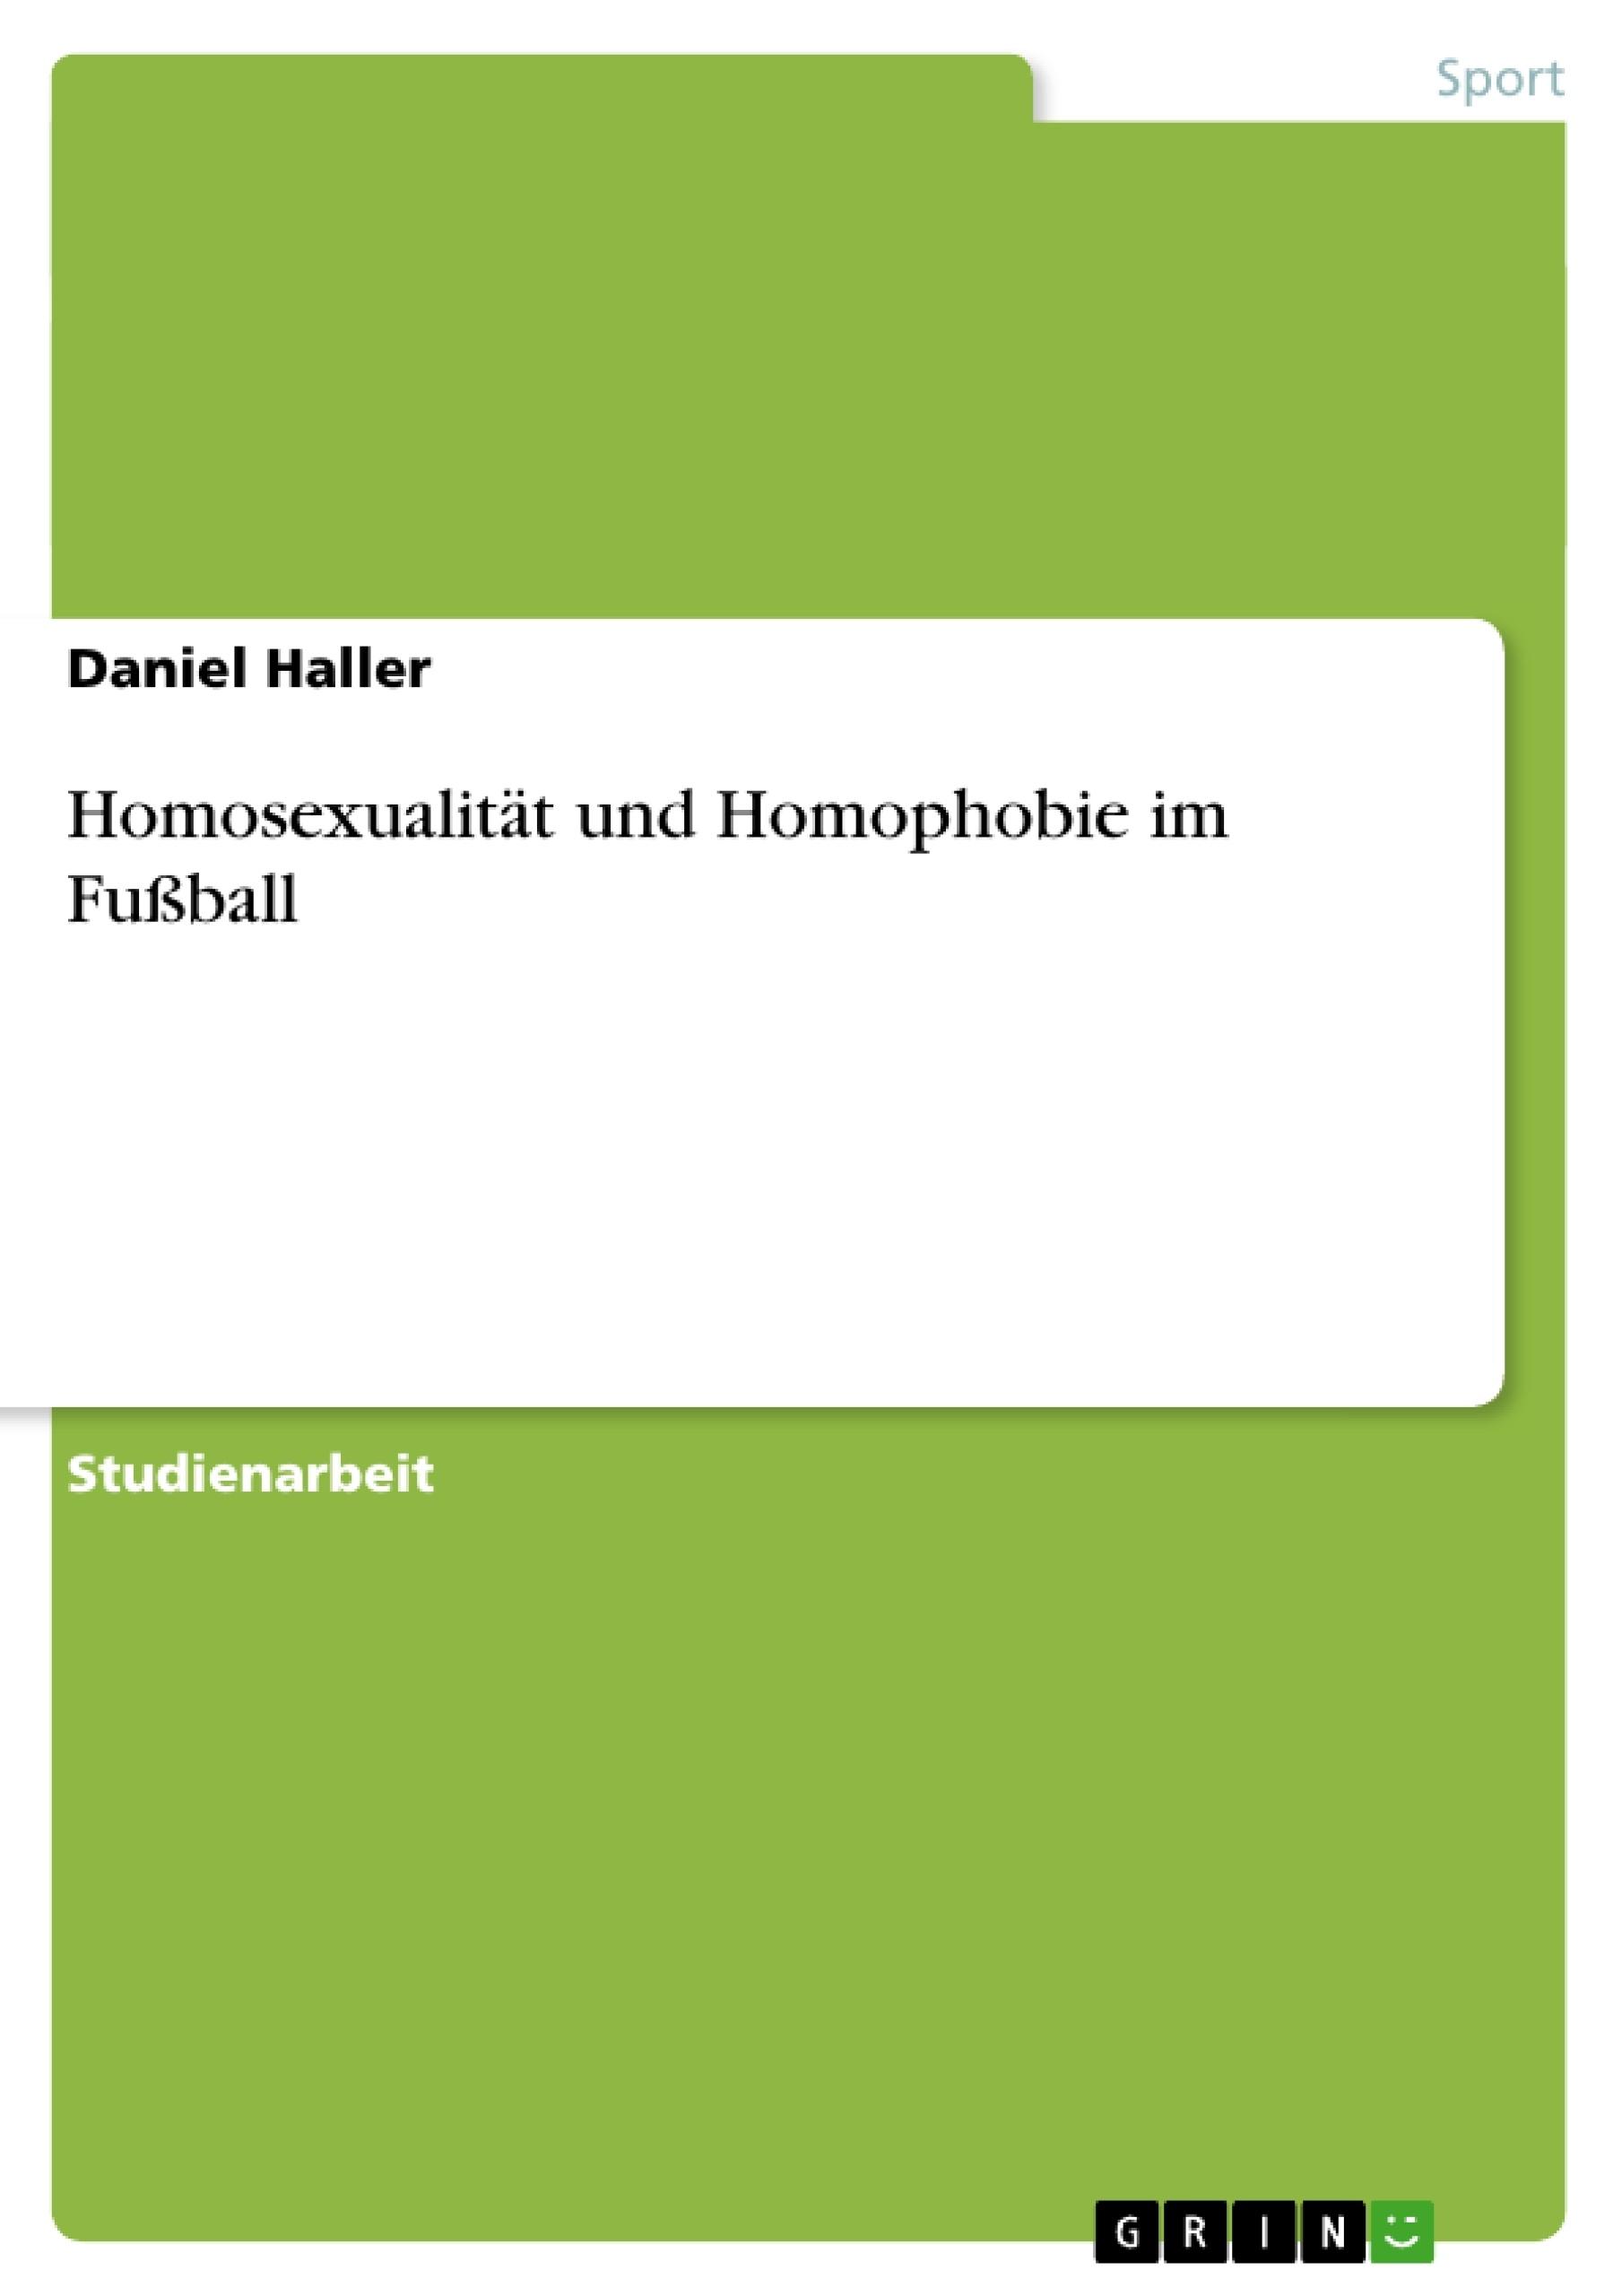 Titel: Homosexualität und Homophobie im Fußball